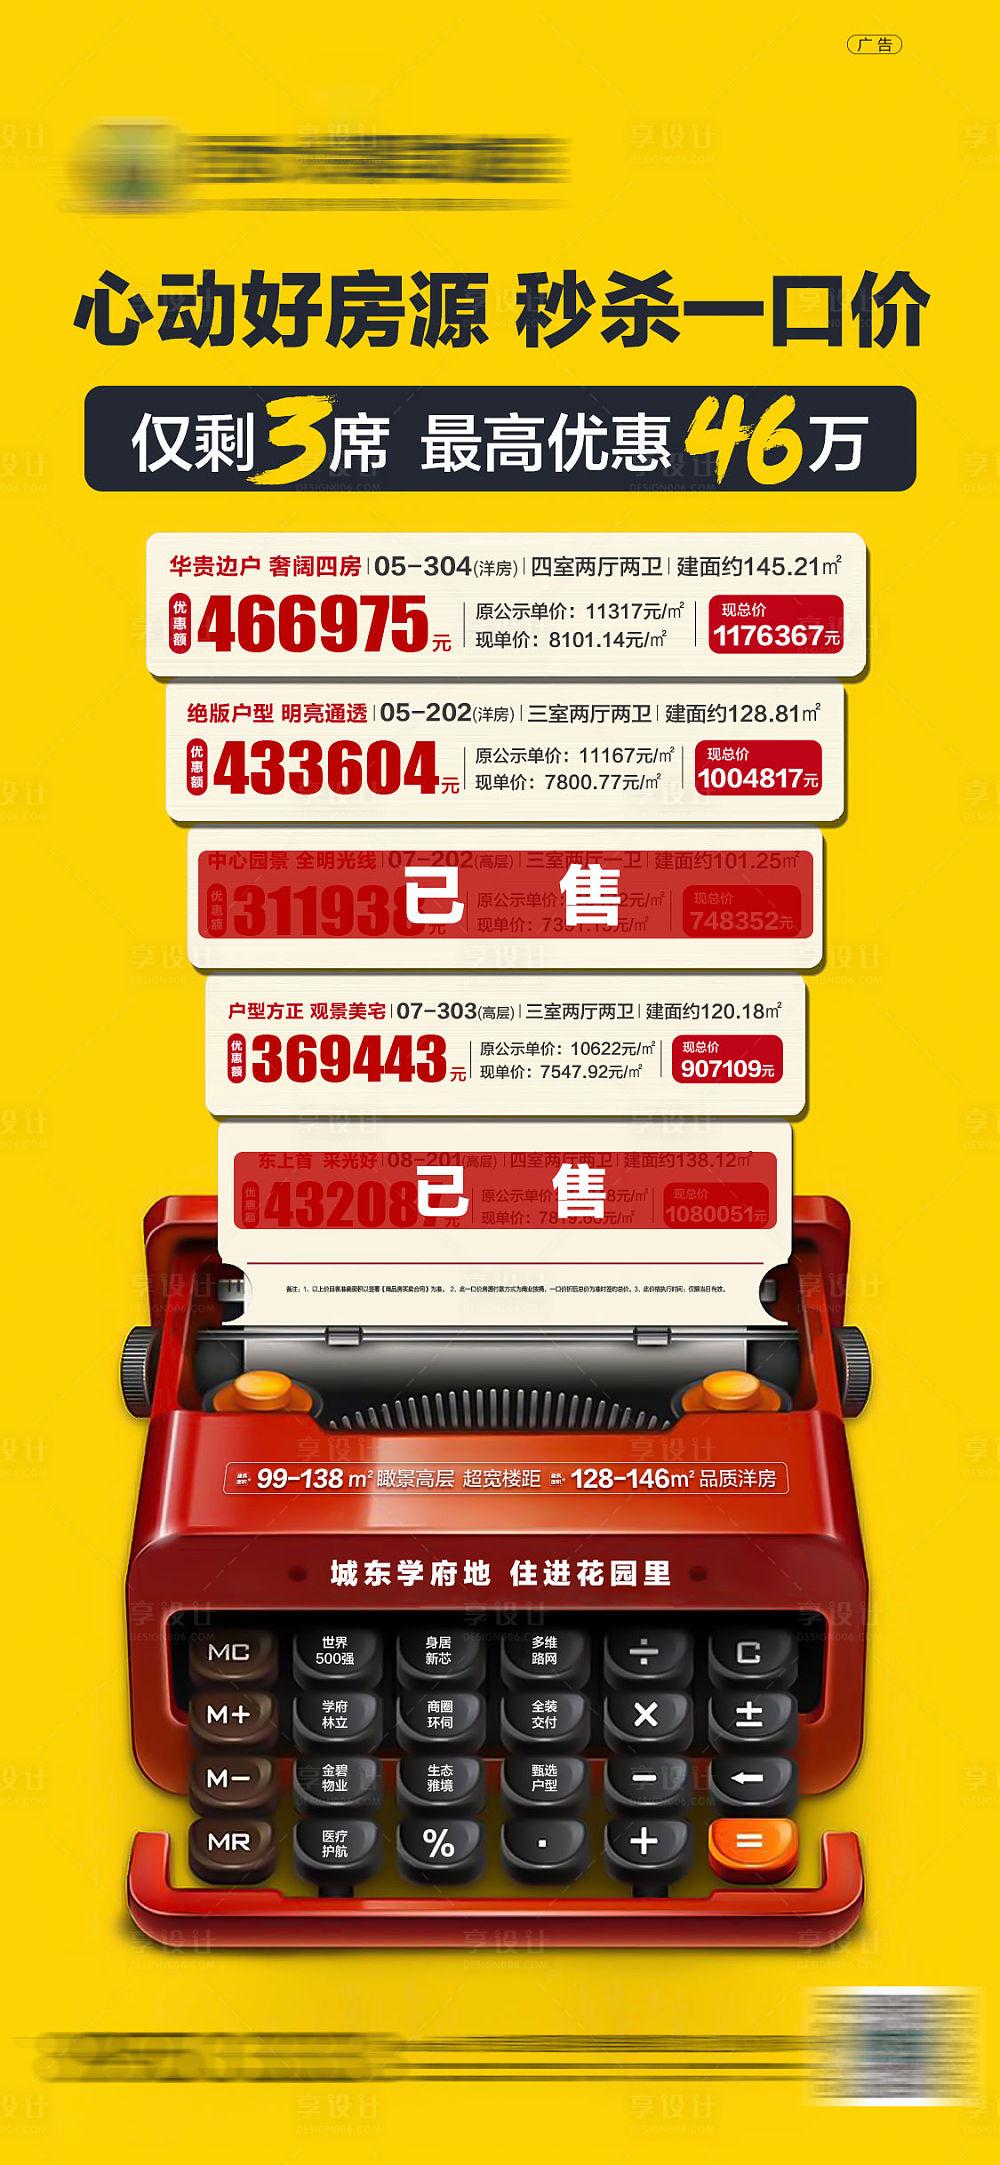 【源文件下载】 海报 房地产 一口价 特价房 打印机 计算器 创意 促销设计作品 设计图集